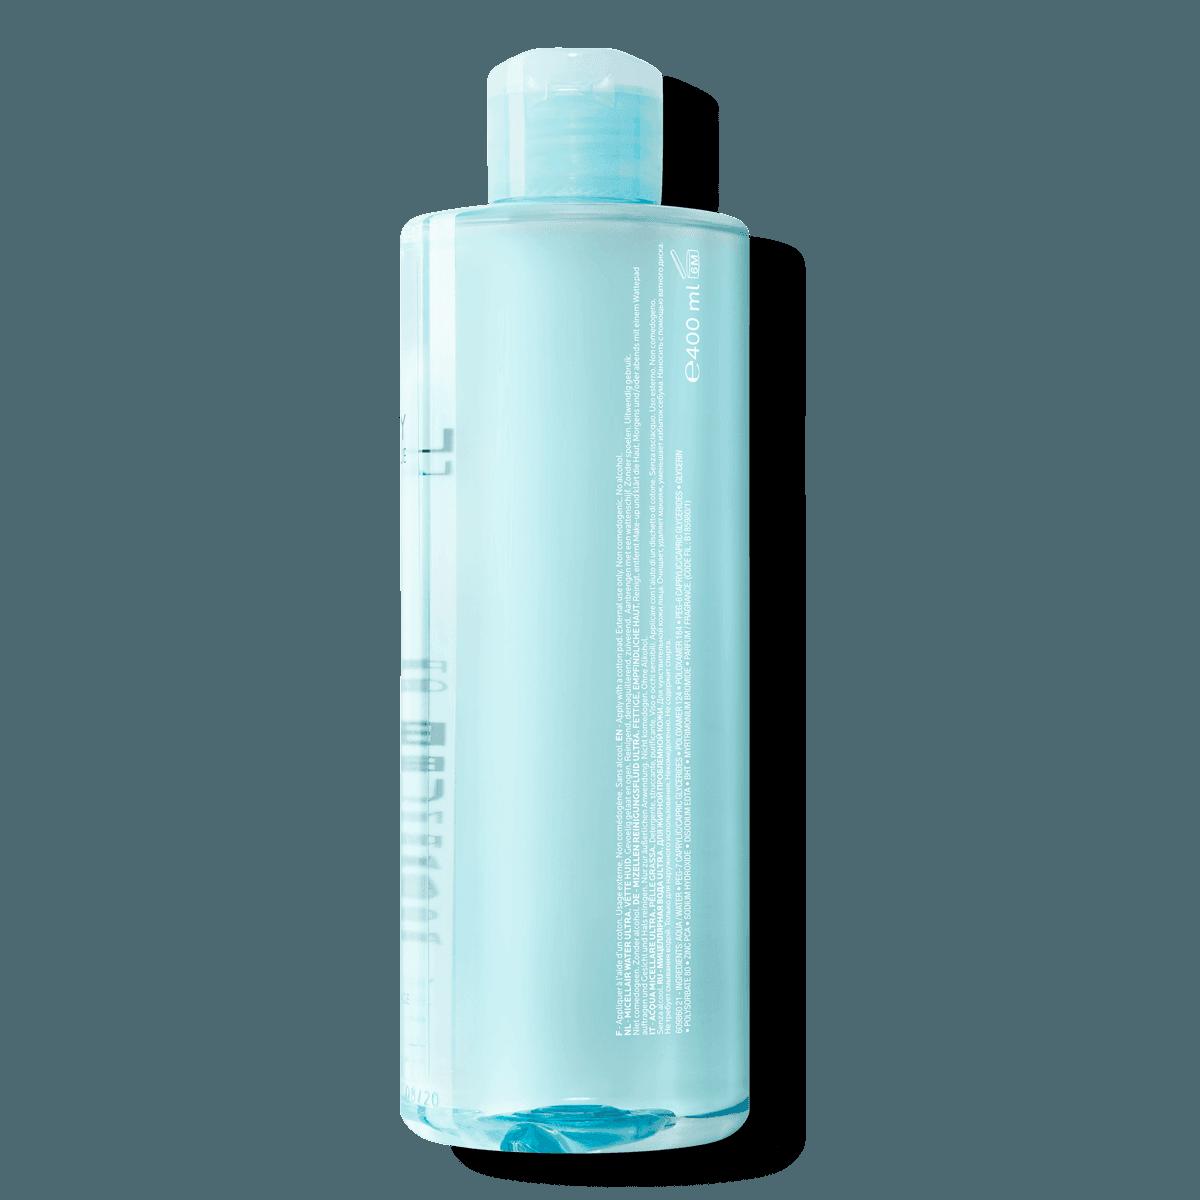 La Roche Posay Face Cleanser Effaclar Micellar Water Ultra 400ml 33378